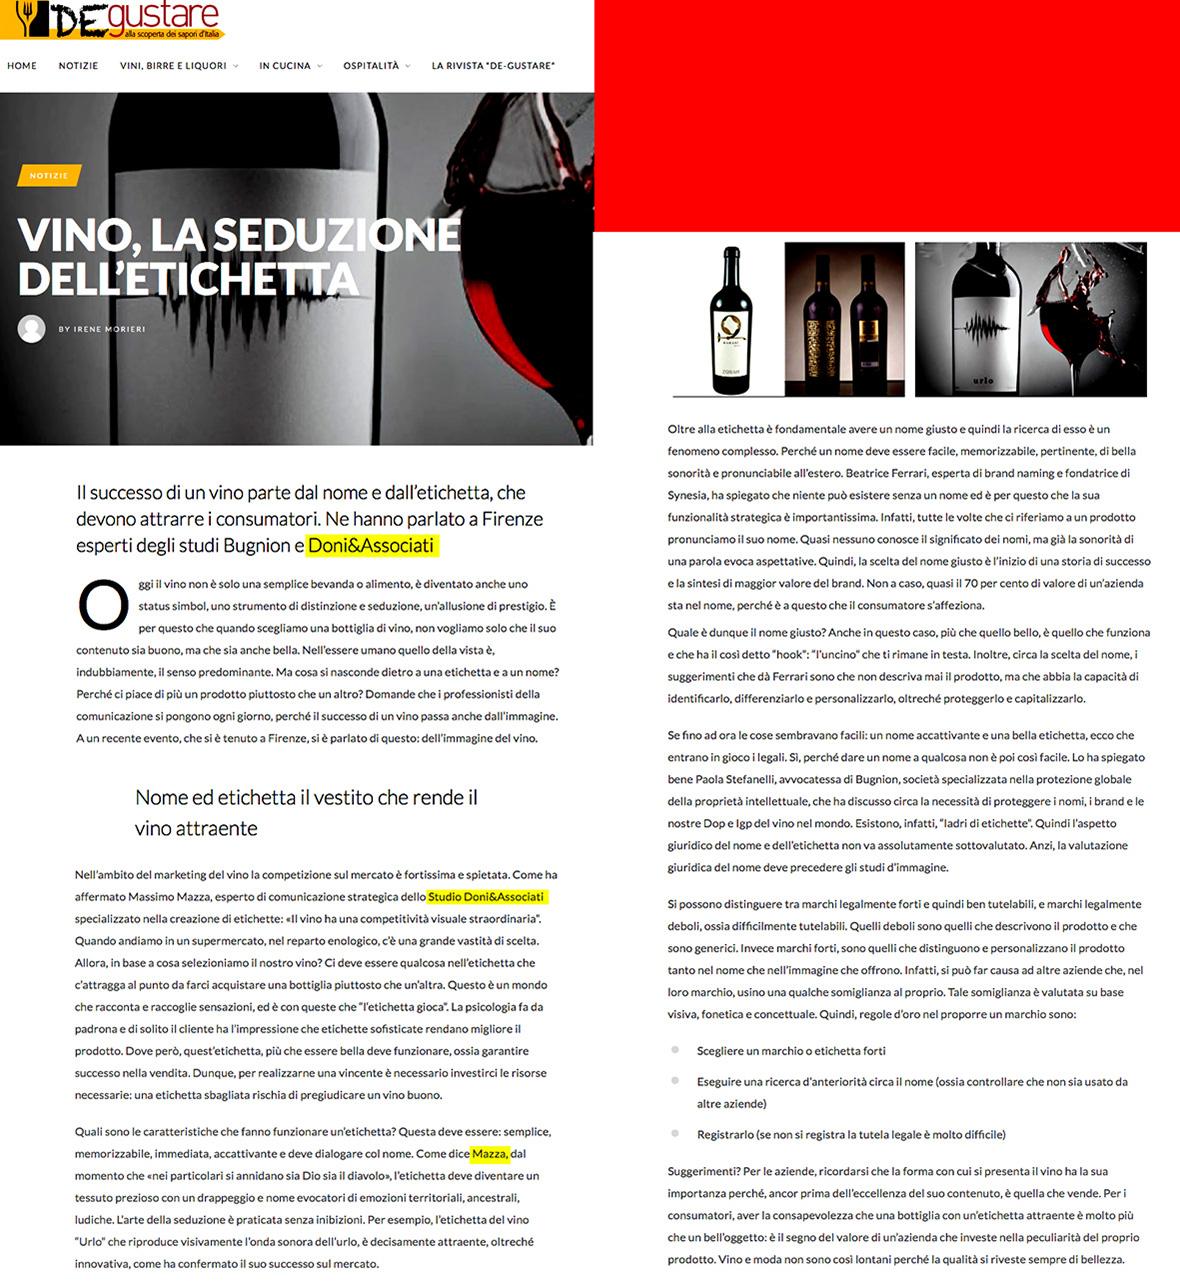 pubblicazione-degustare-vino-etichetta